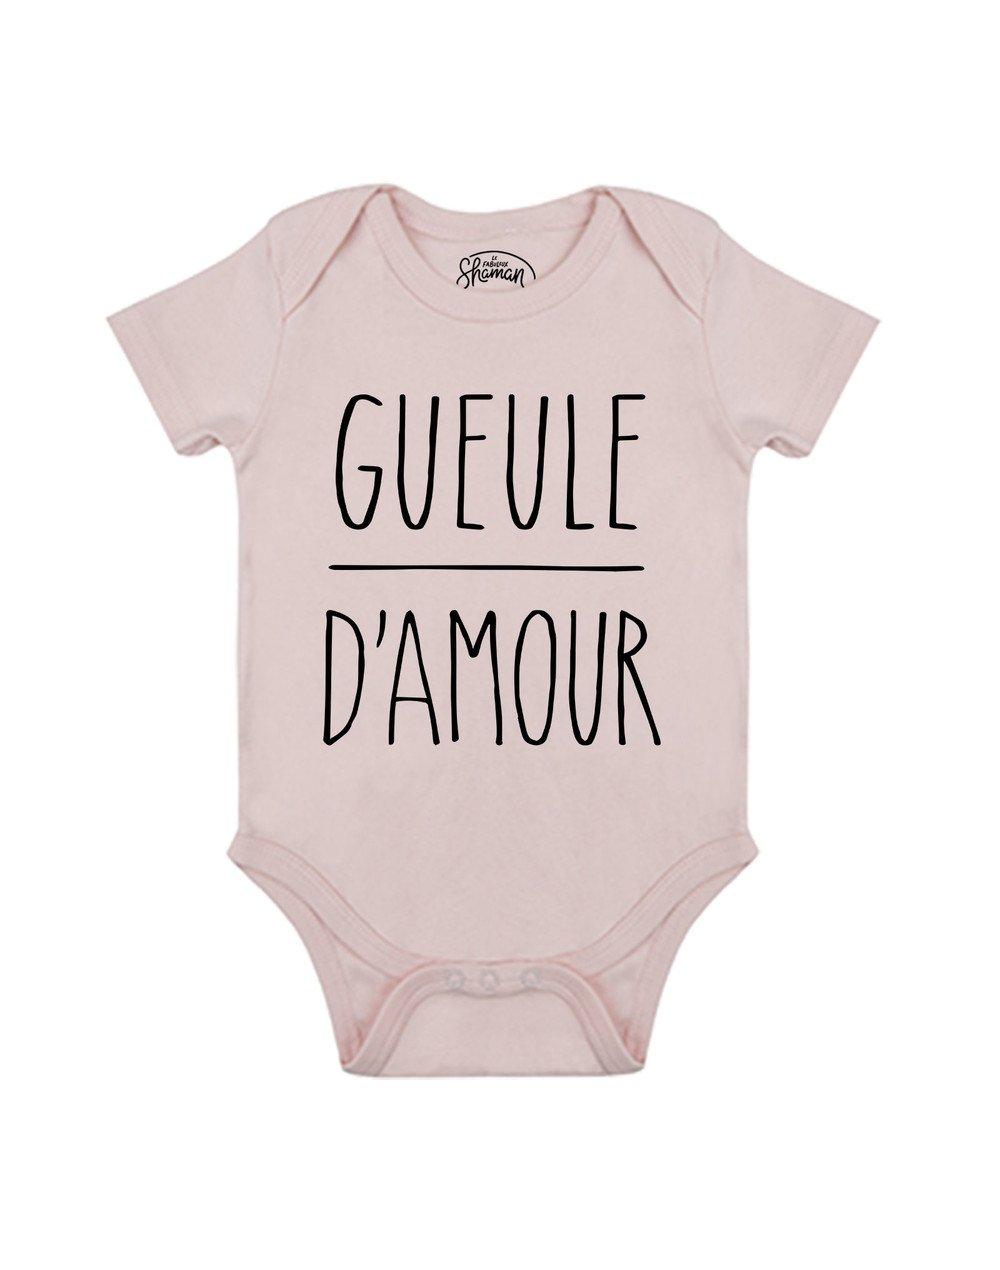 Body Gueule d'amour